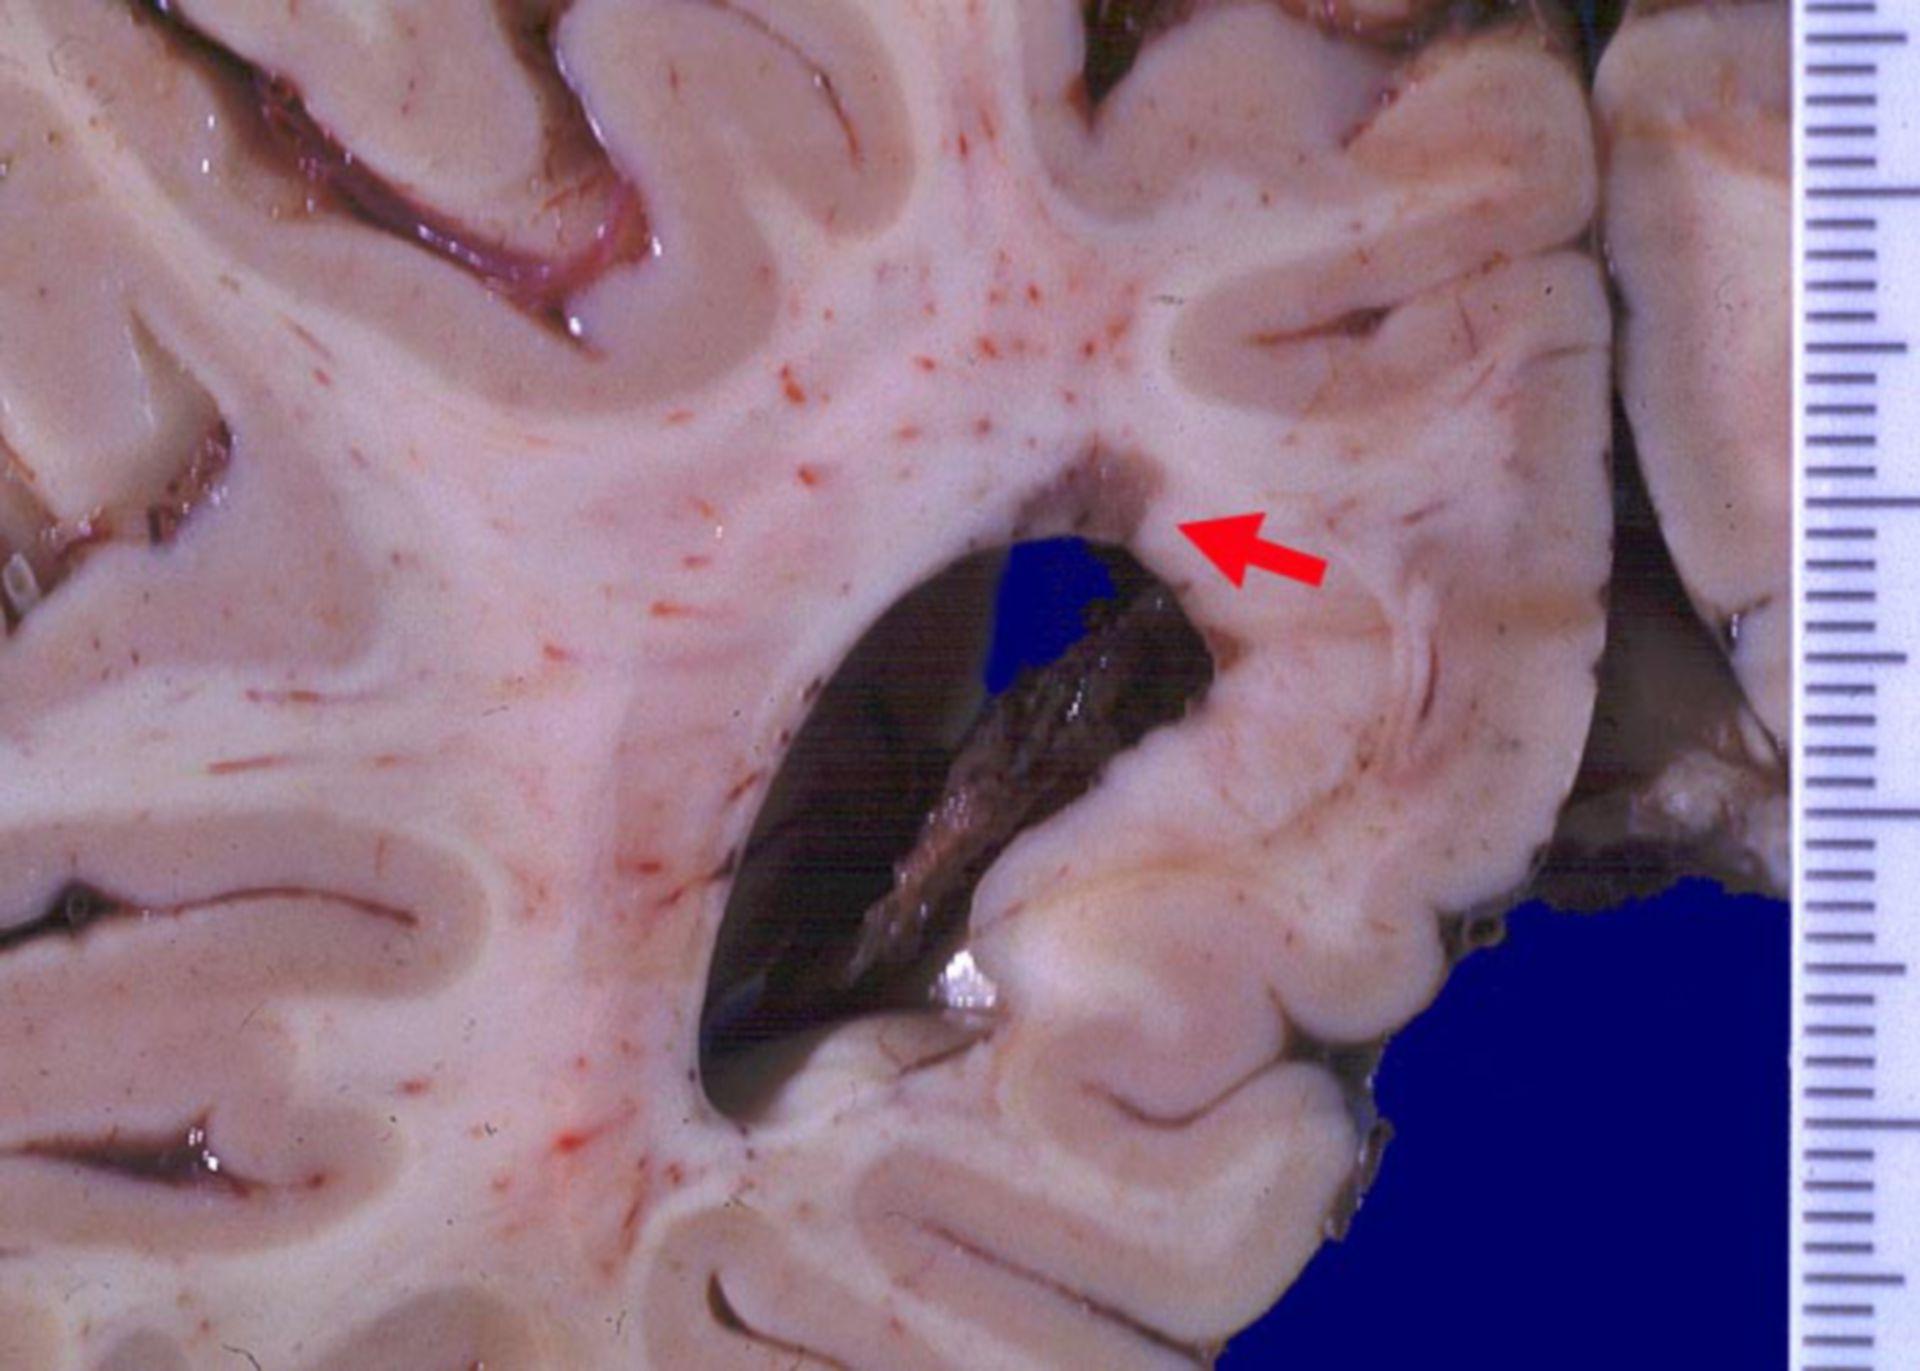 Entmarkungsherd bei multipler Sklerose (MS)